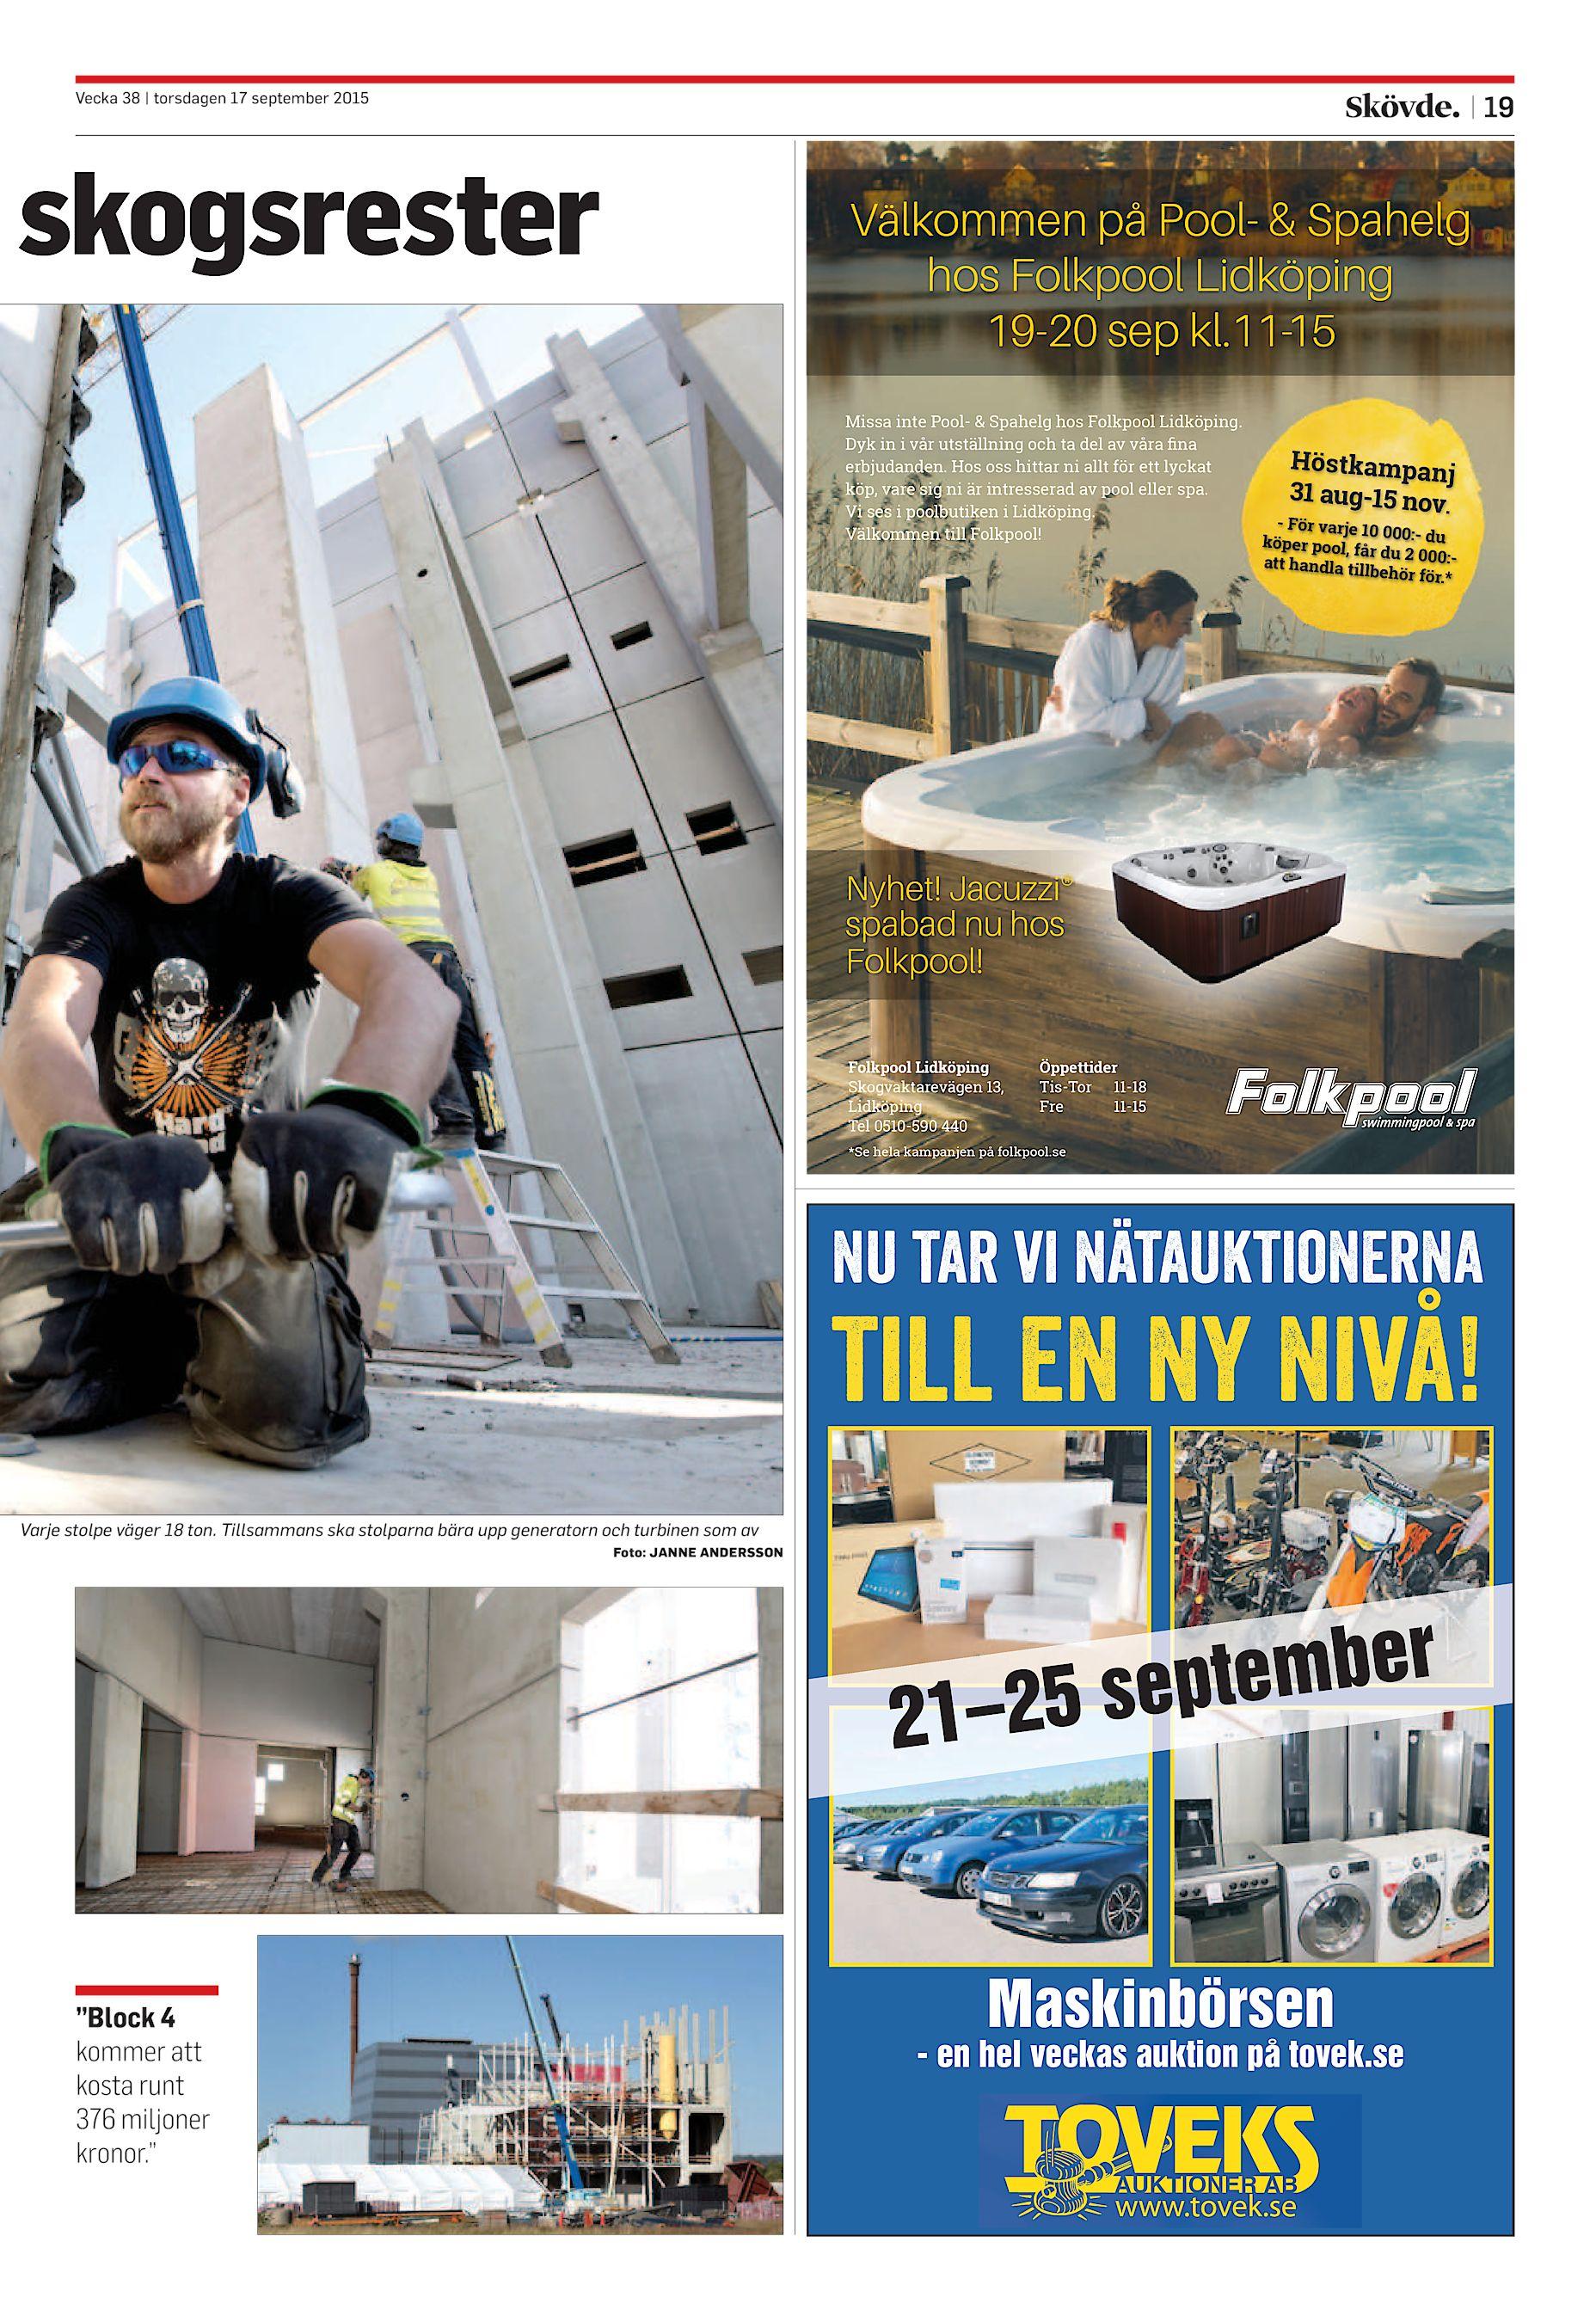 ad3fca005f69 Skövde Nyheter SN-20150917 (endast text)